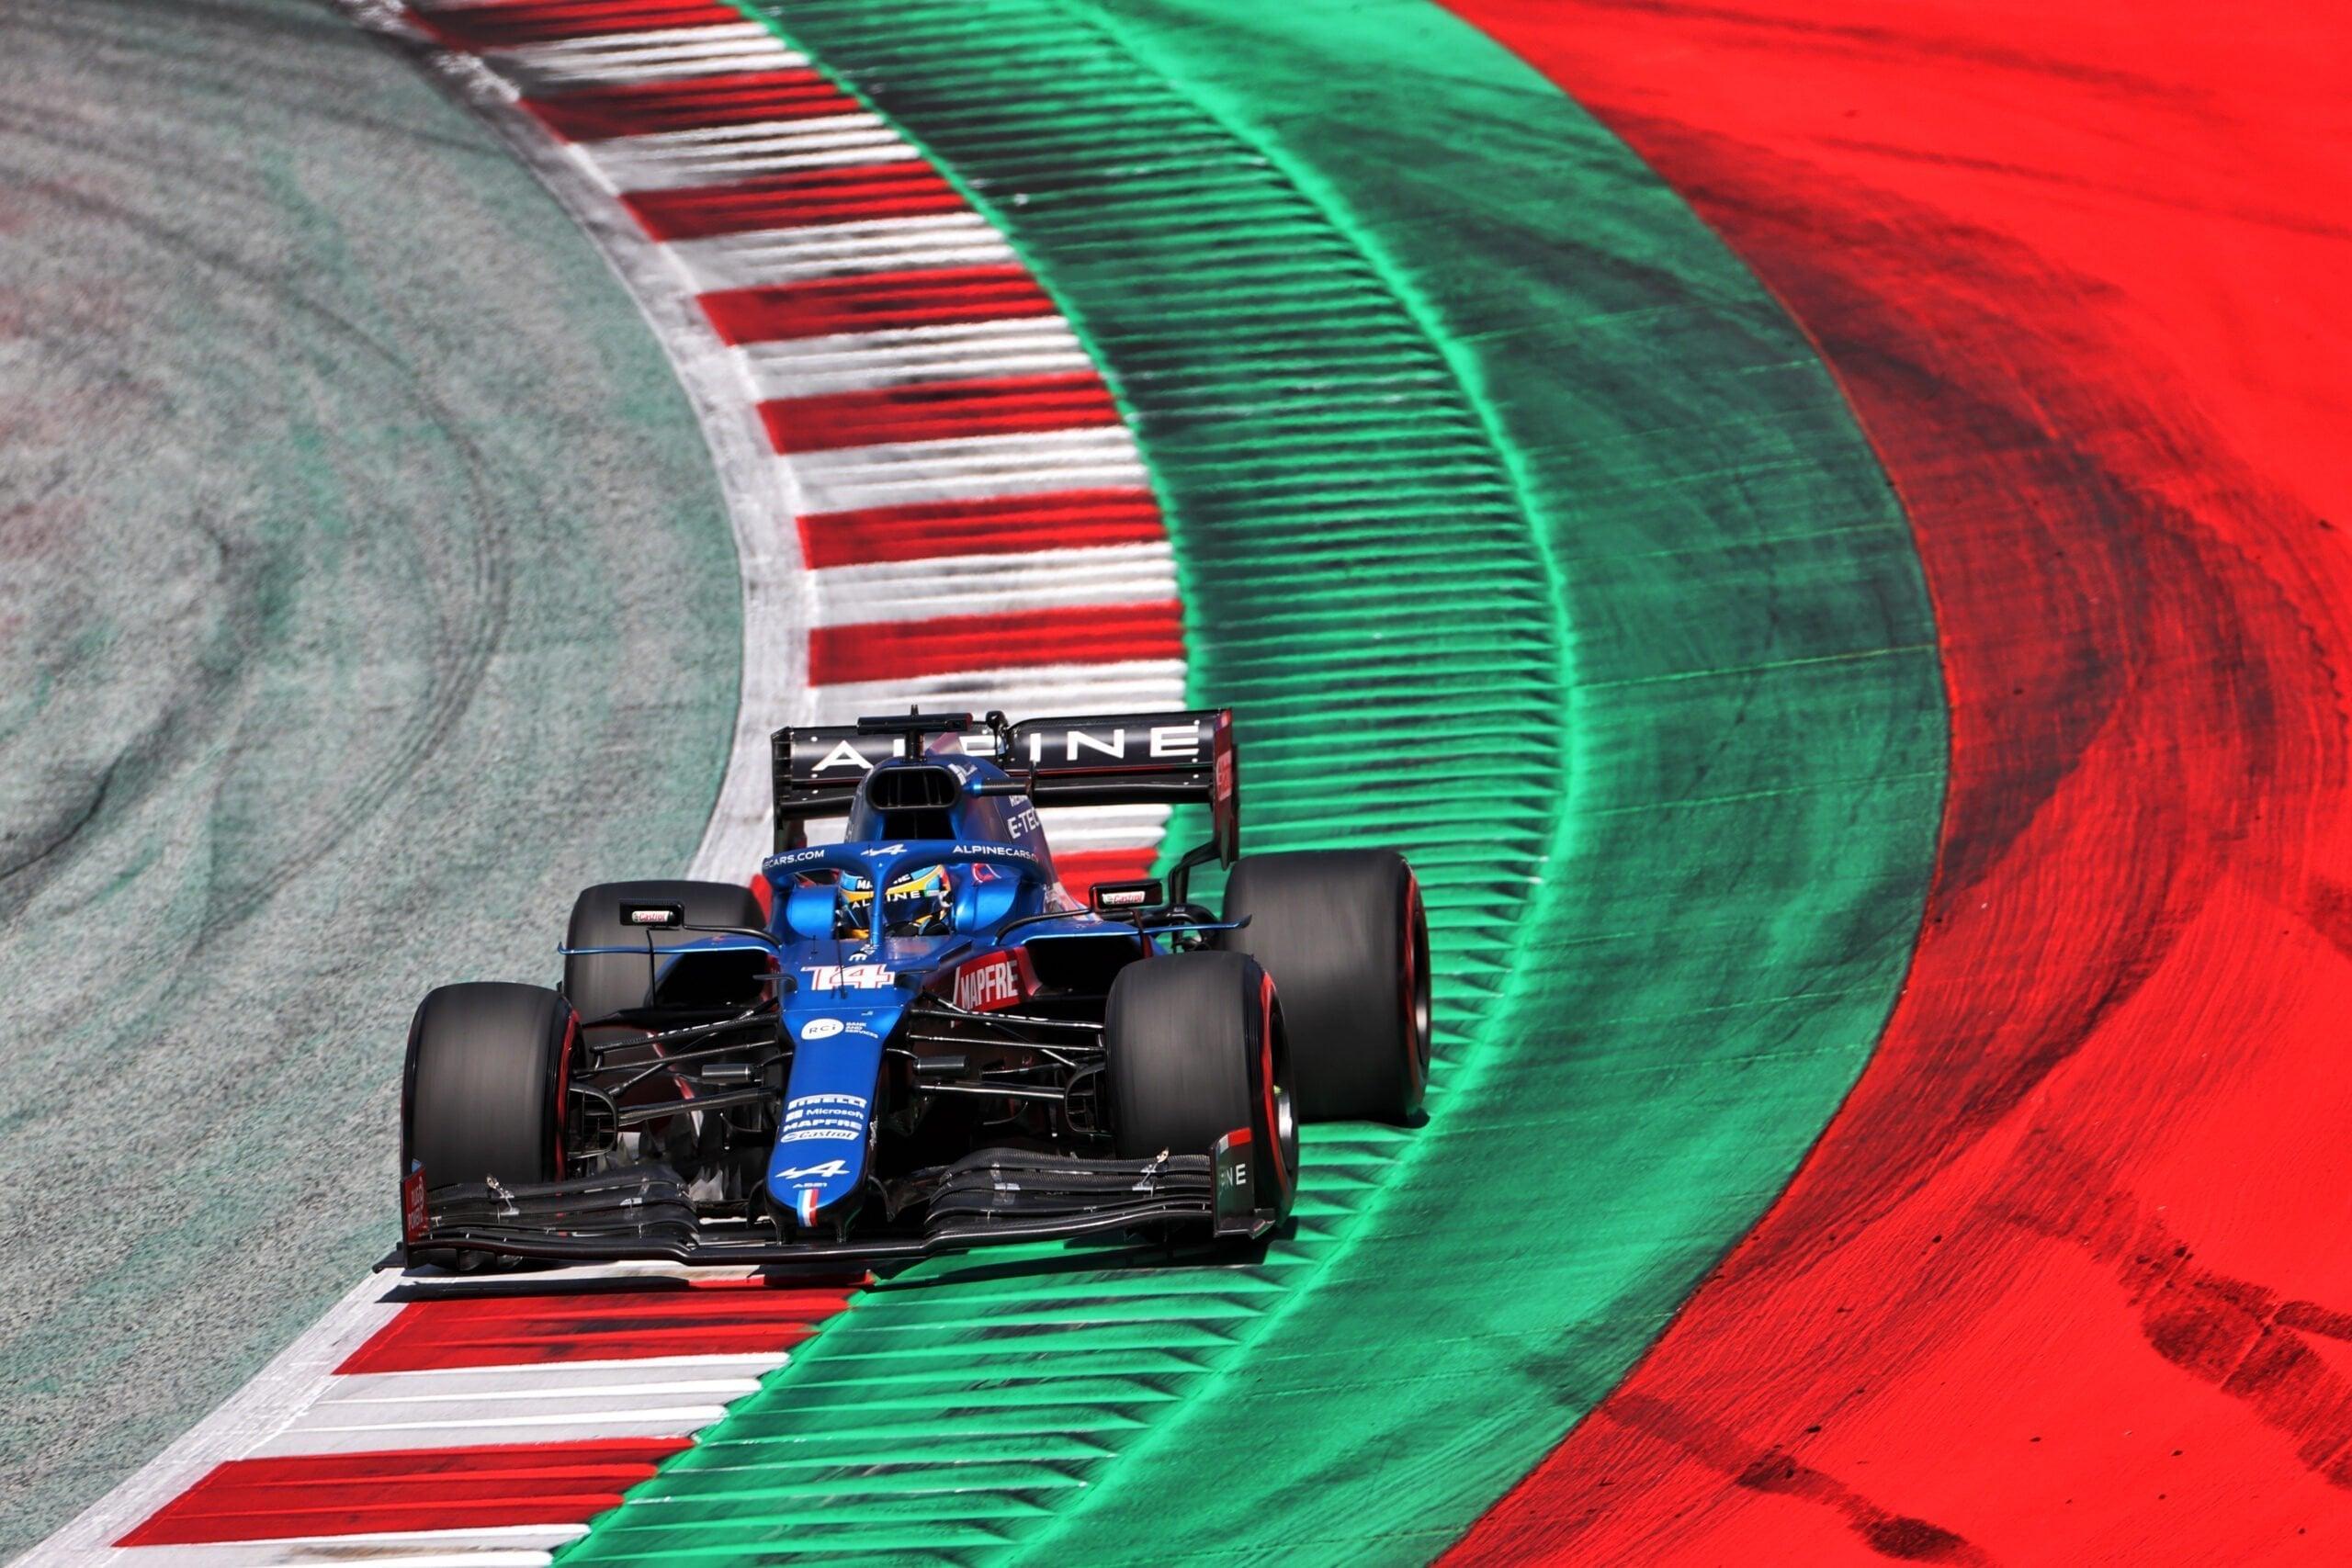 Alpine F1 Alonso Ocon A521 GP Autriche Spielberg 2021 3 scaled | Alpine F1 privé de Q3 au Grand Prix BWT d'Autriche